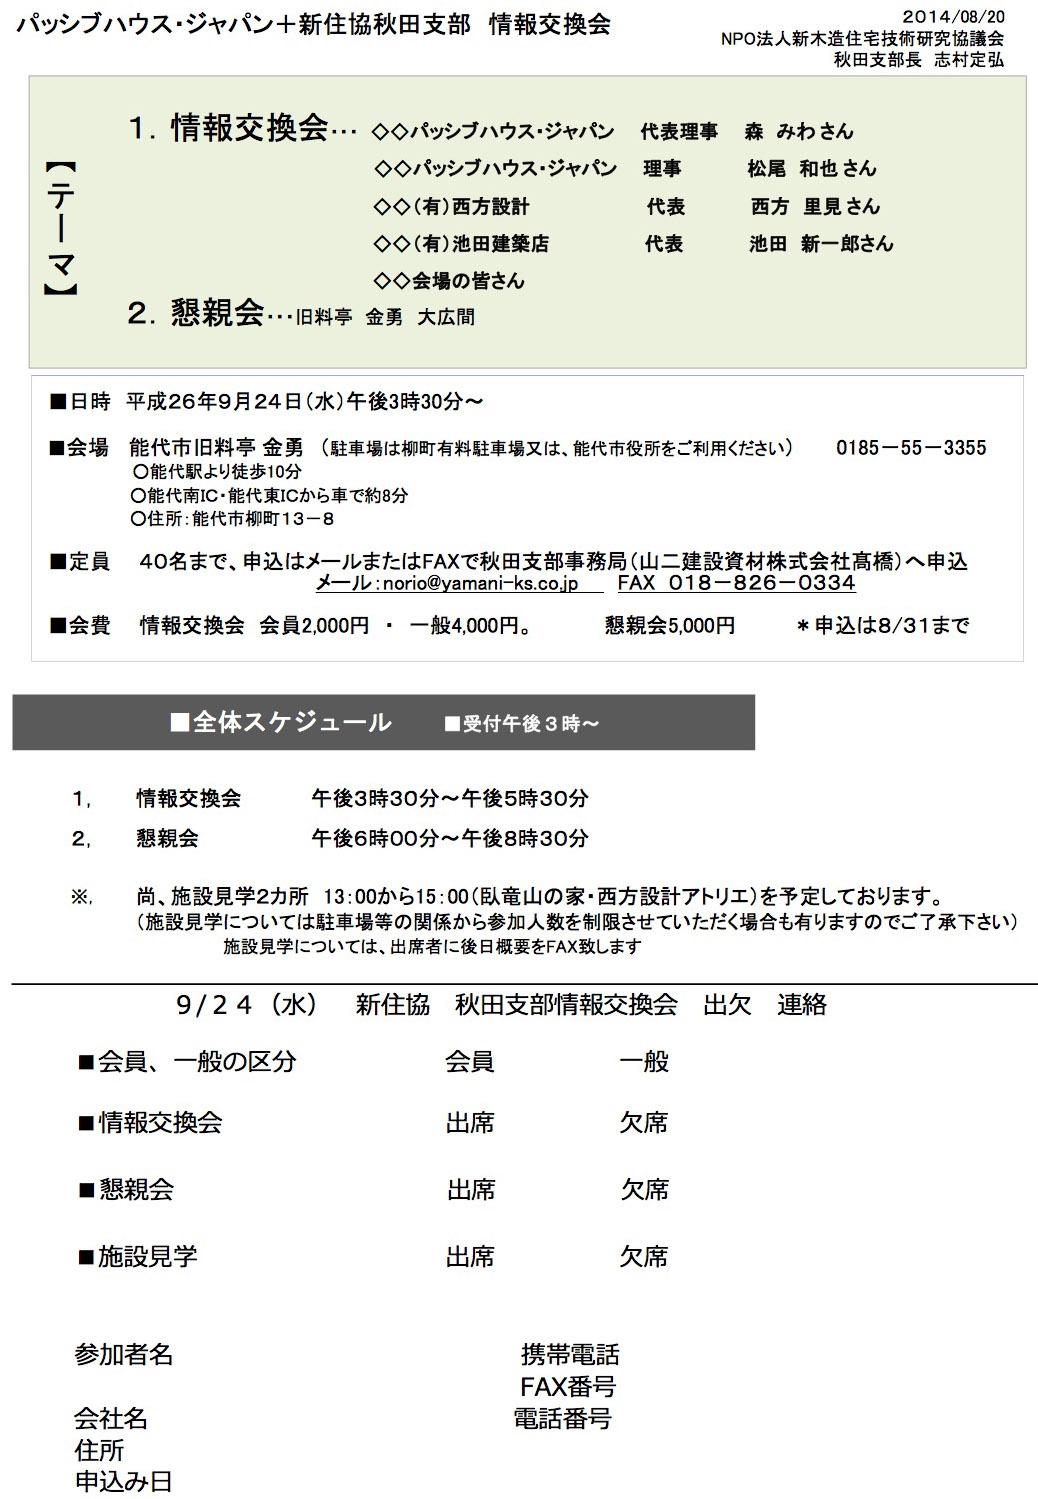 パッシブハウス・ジャパン+新住協秋田支部 情報交換会_e0054299_16231197.jpg